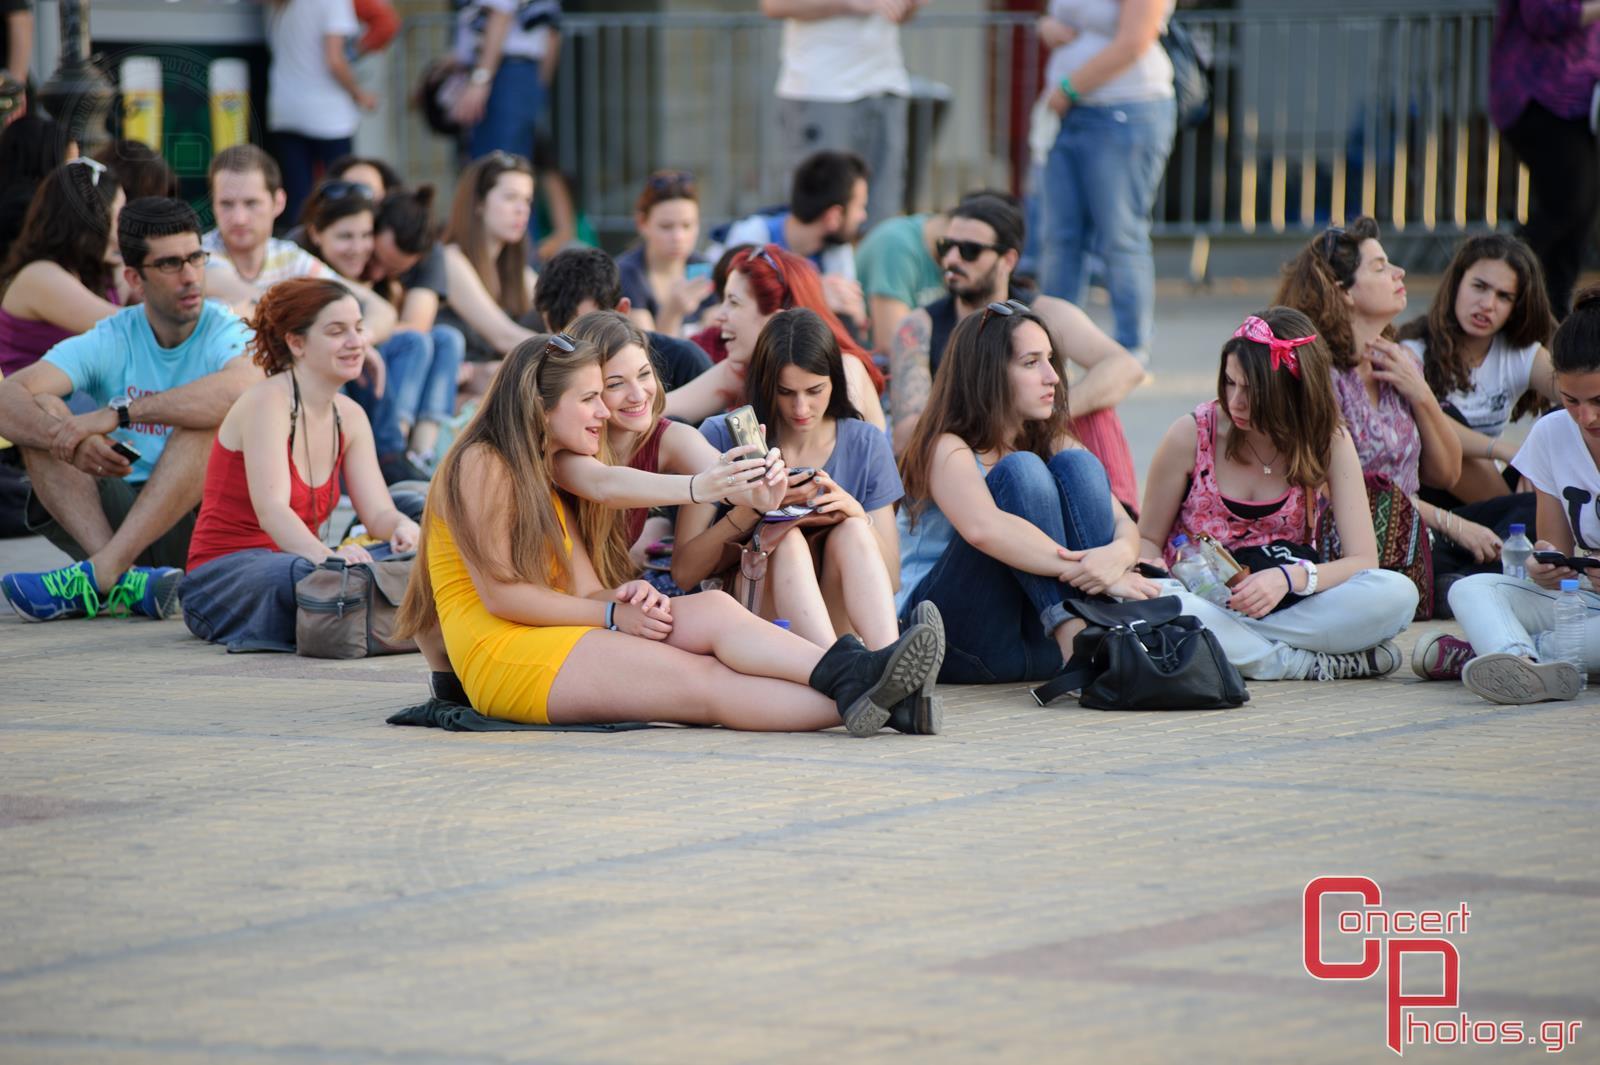 Μία συναυλία για τη Σχεδία 2014-Sxedia 2014 photographer:  - concertphotos_20140526_19_57_43